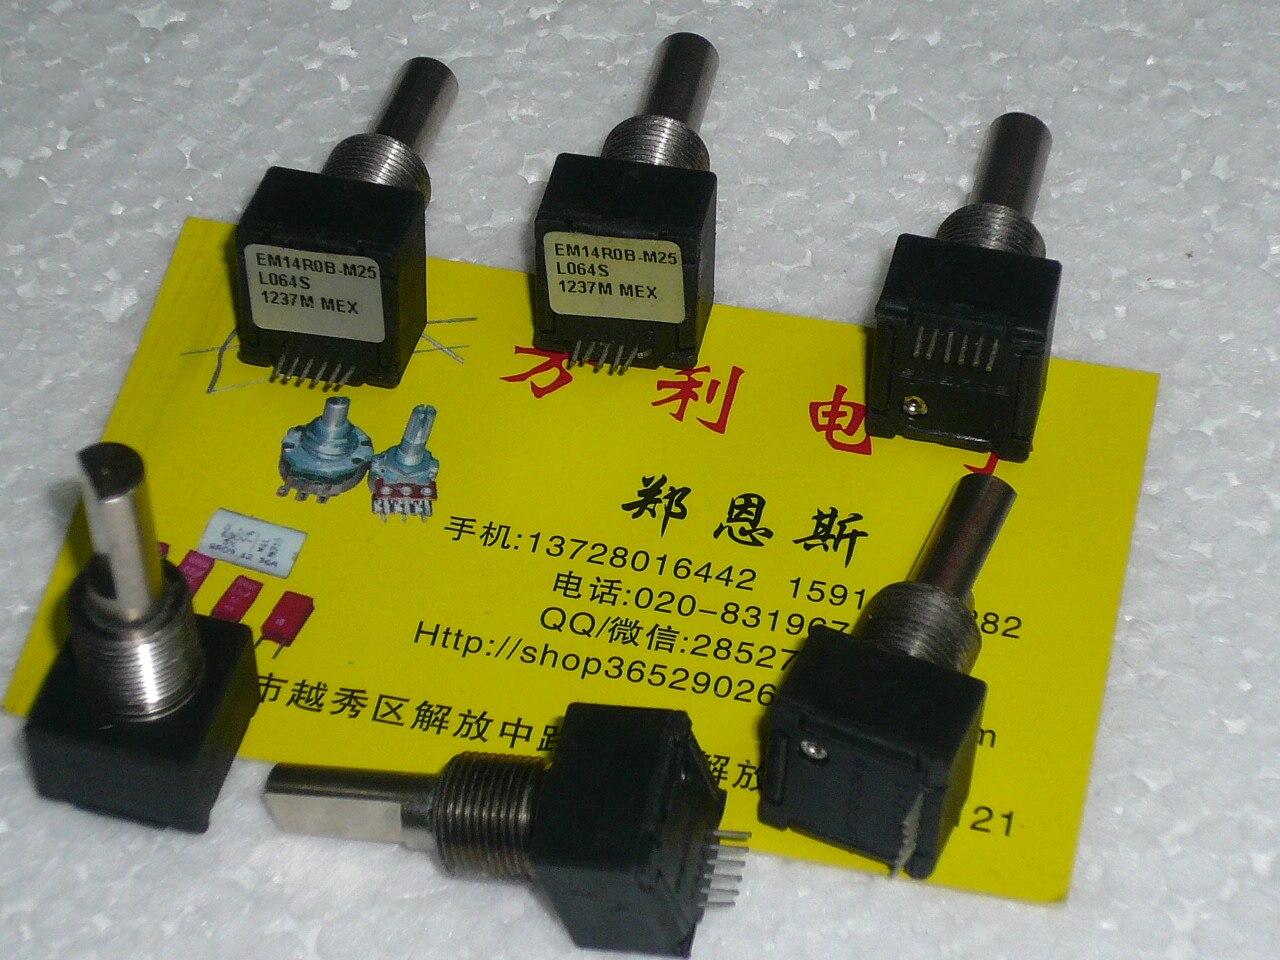 BOURNS A + B EM14R0B-M25 L064S 1237 M MEX 6 ligne commutateur encodeur optique